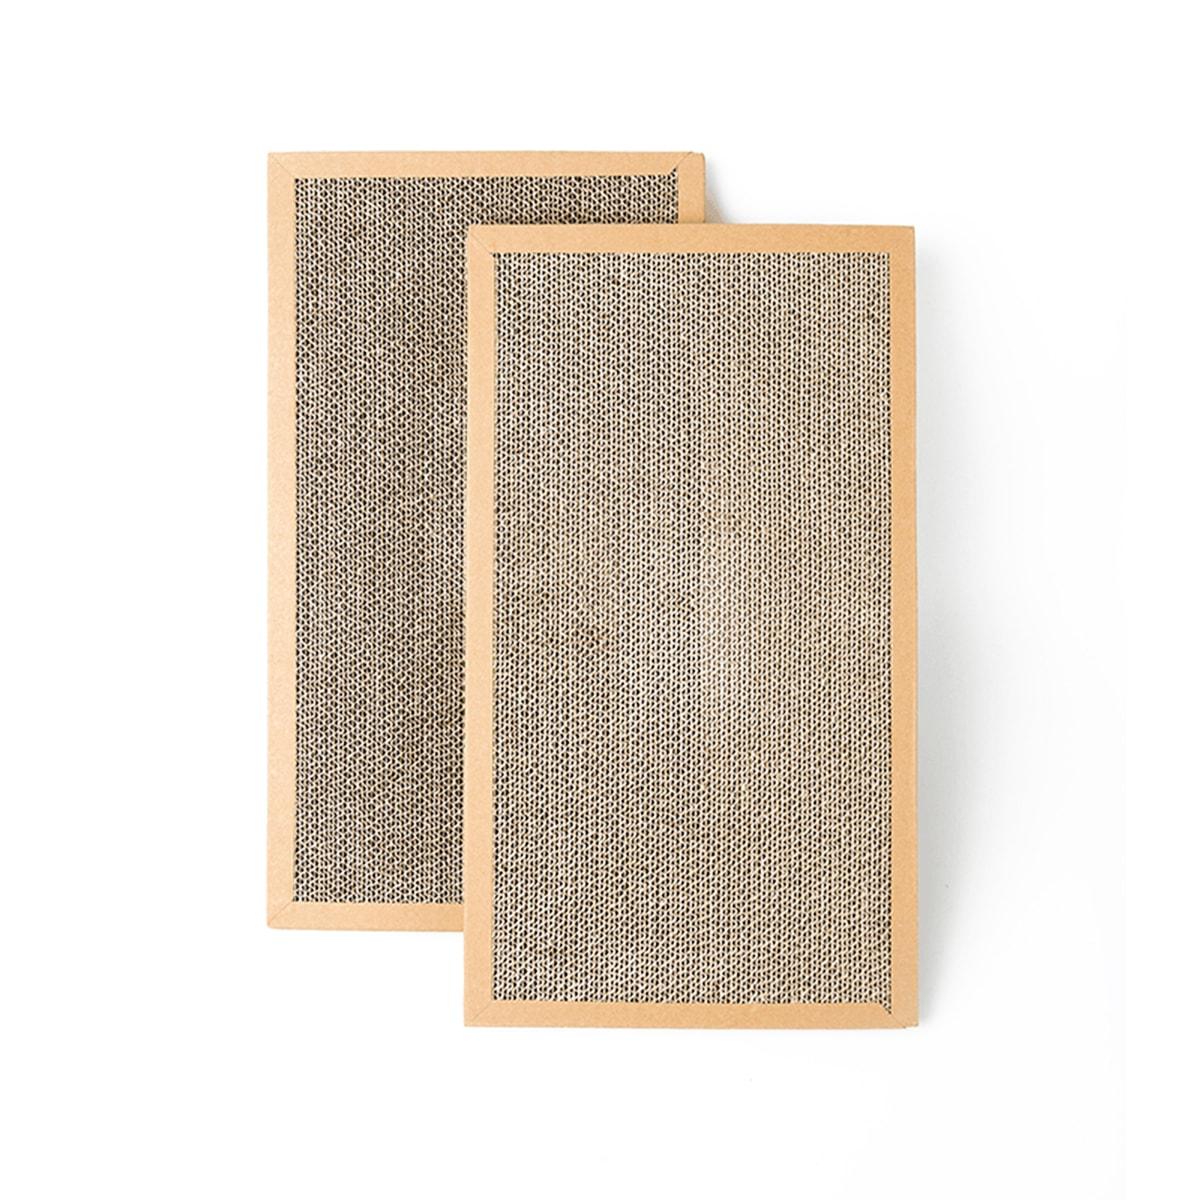 瓦楞纸替芯2片装 踏浪瓦楞纸猫磨爪猫咪玩具猫爪板 怎么样 - 亚米网